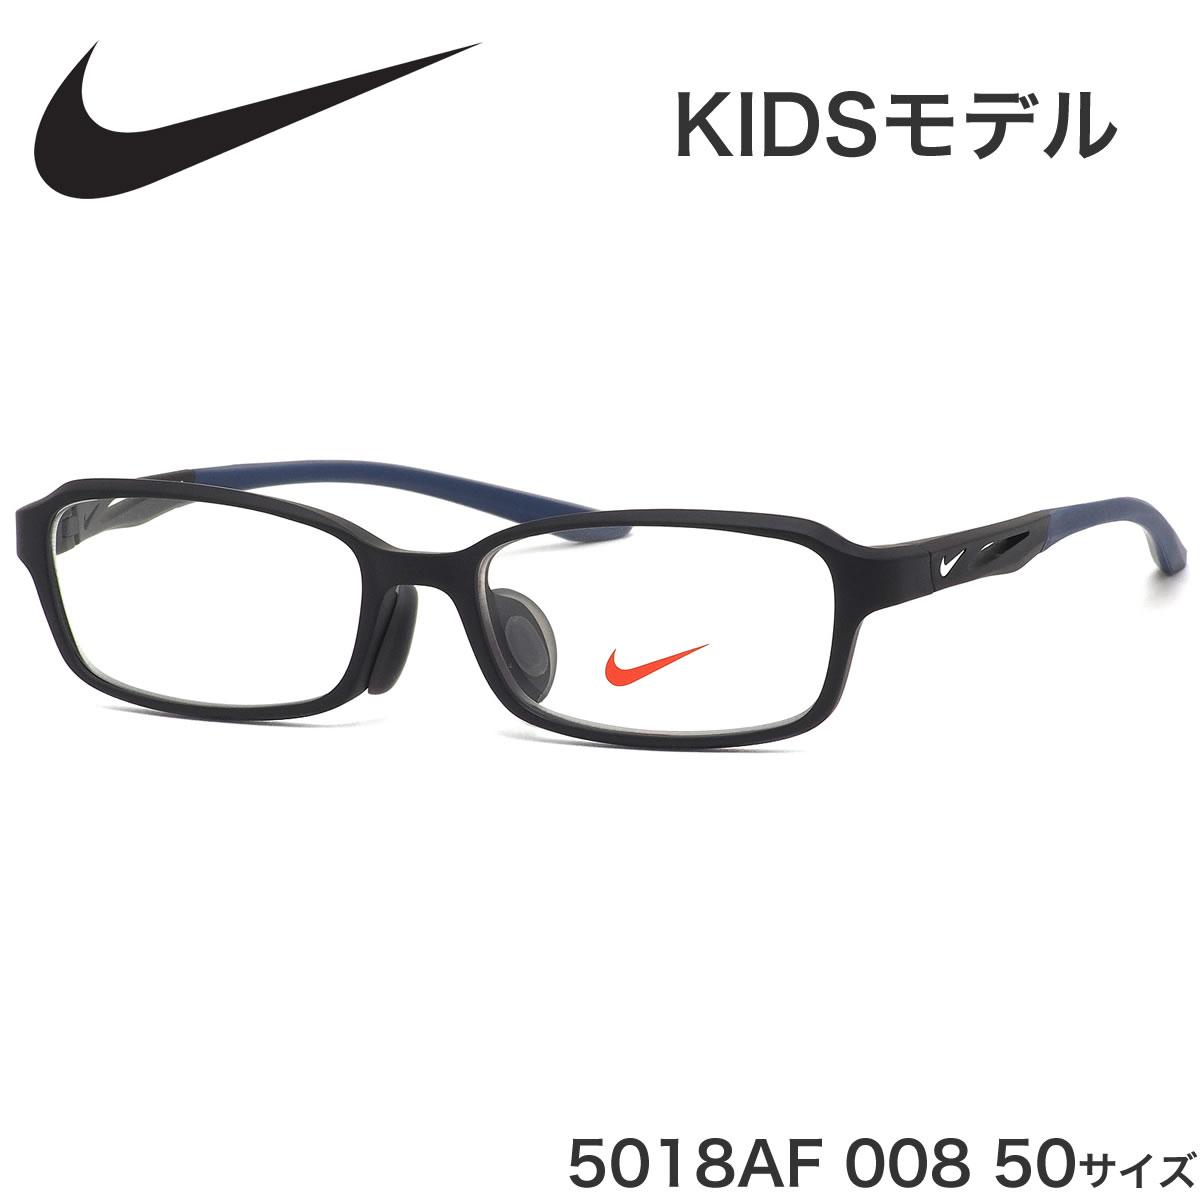 ナイキ NIKE キッズ用メガネ 5018AF 008 50サイズ ジュニア用 軽い スポーツ アジアンフィット 黒縁 子供用